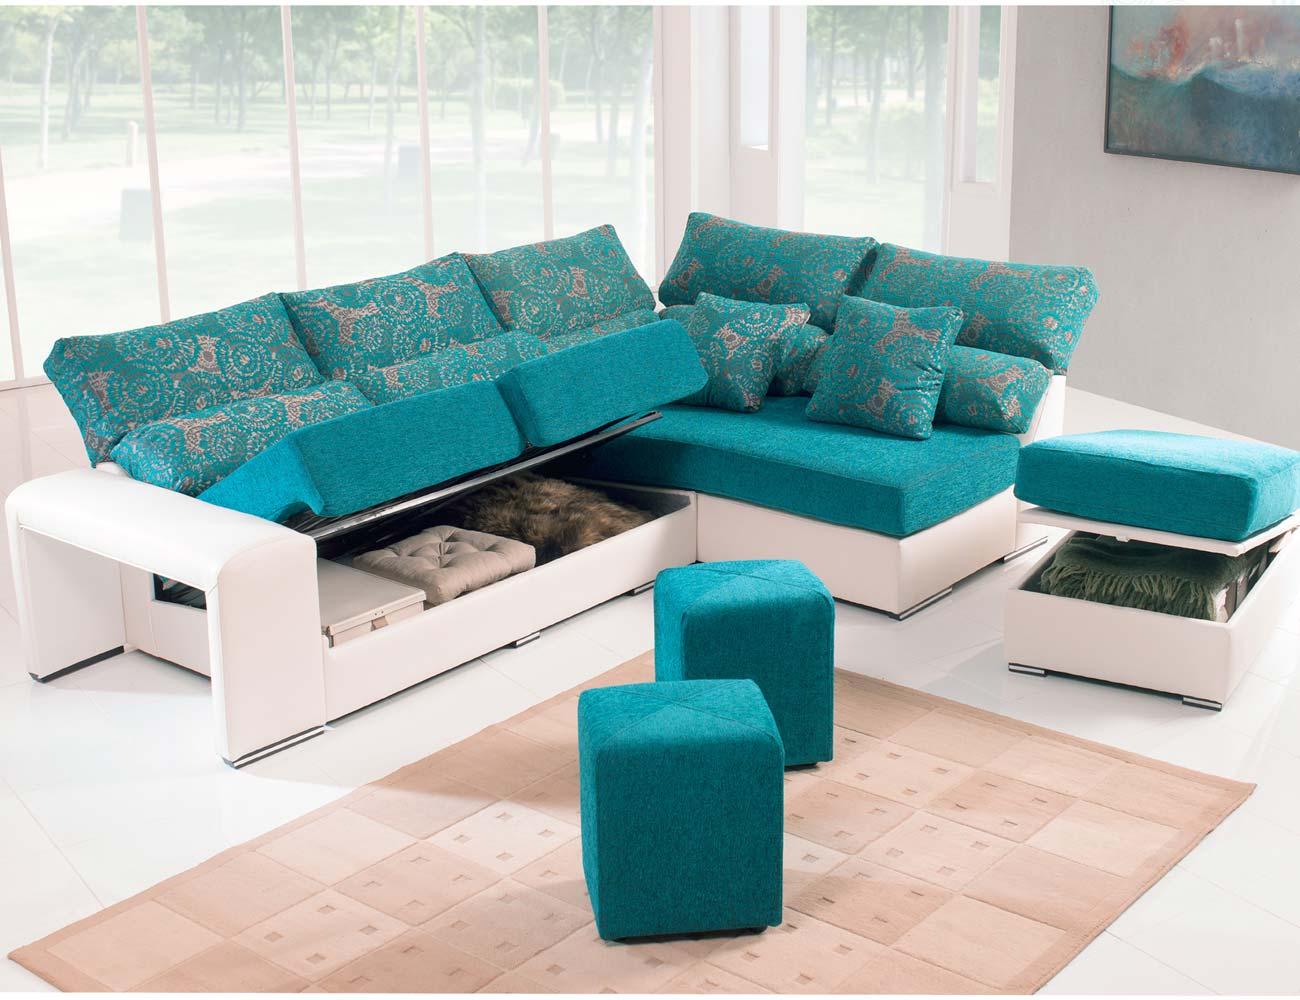 Sofa chaiselongue rincon puff arcon taburete4